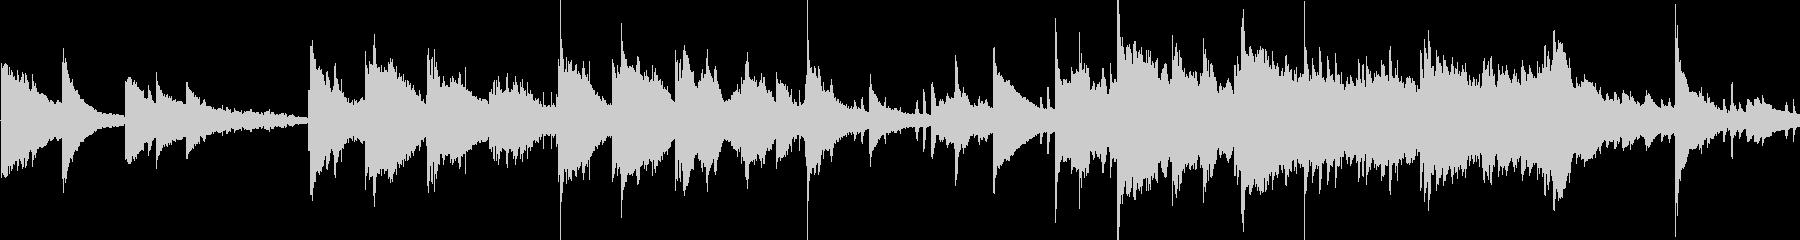 ゆったりとしたアンビエントなピアノ曲の未再生の波形